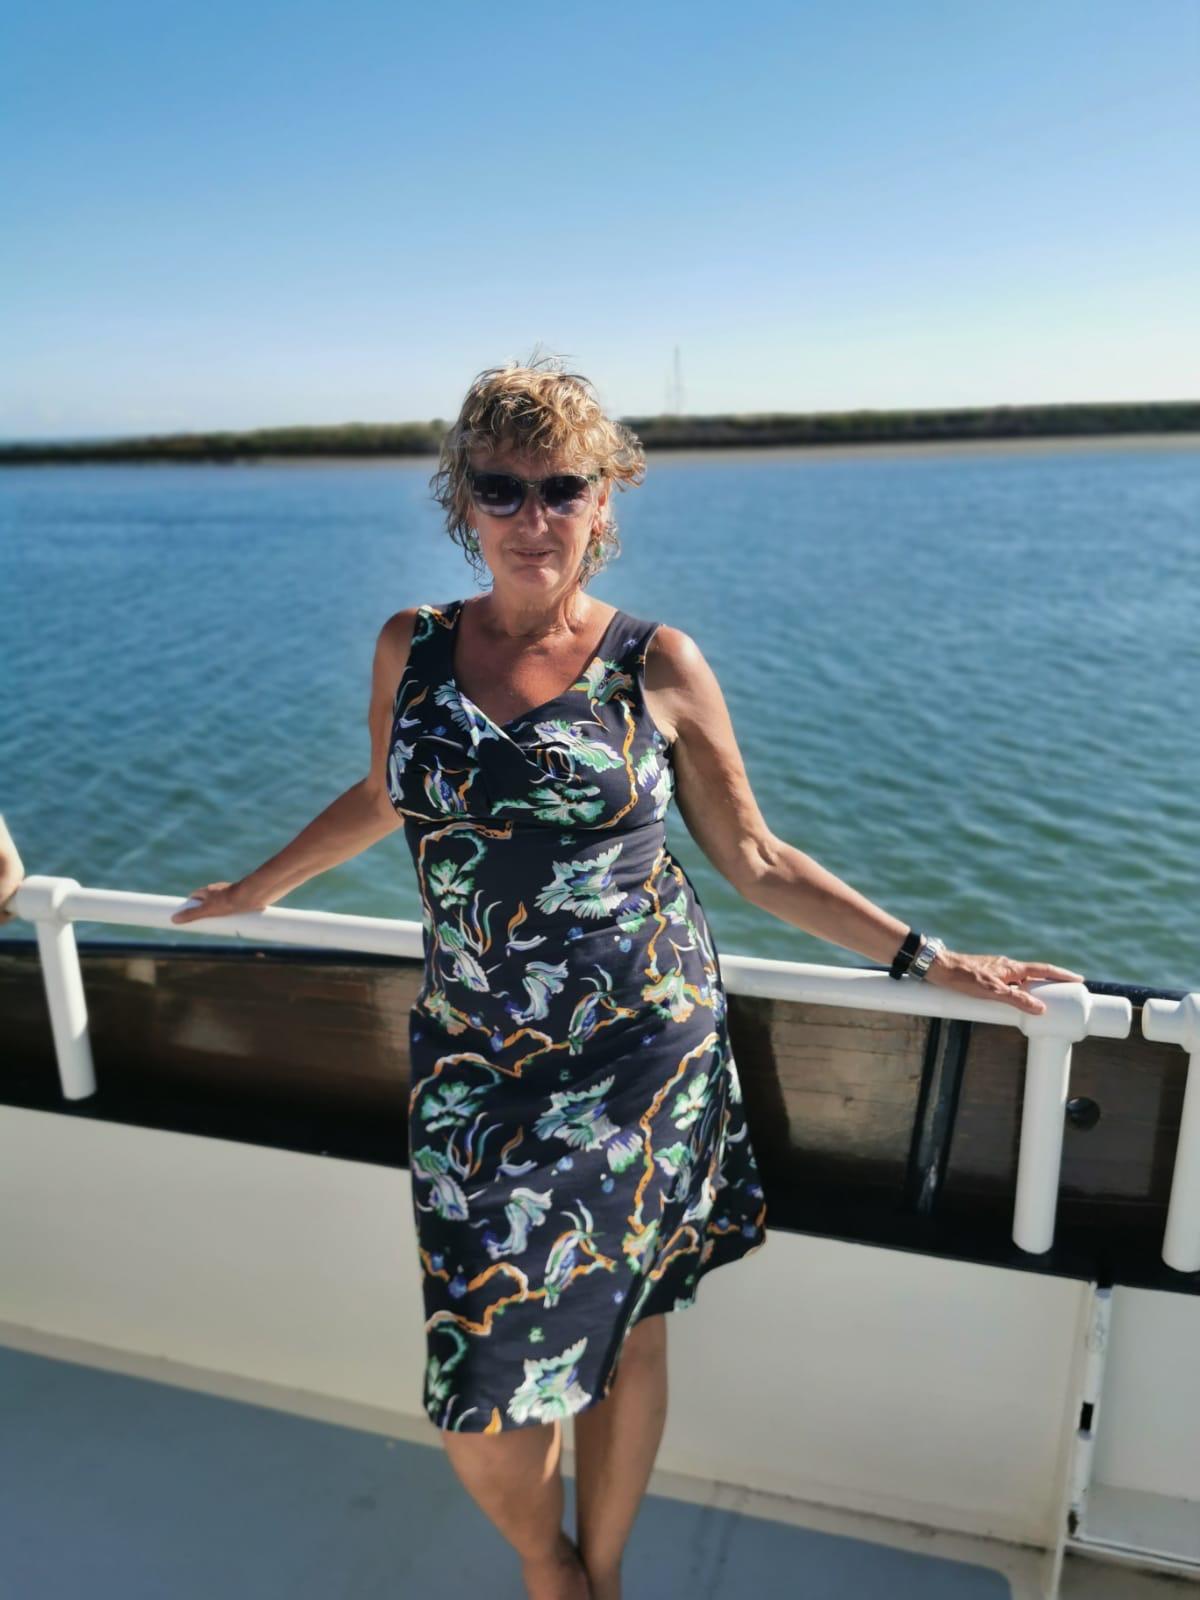 Marijke Van Der Zee